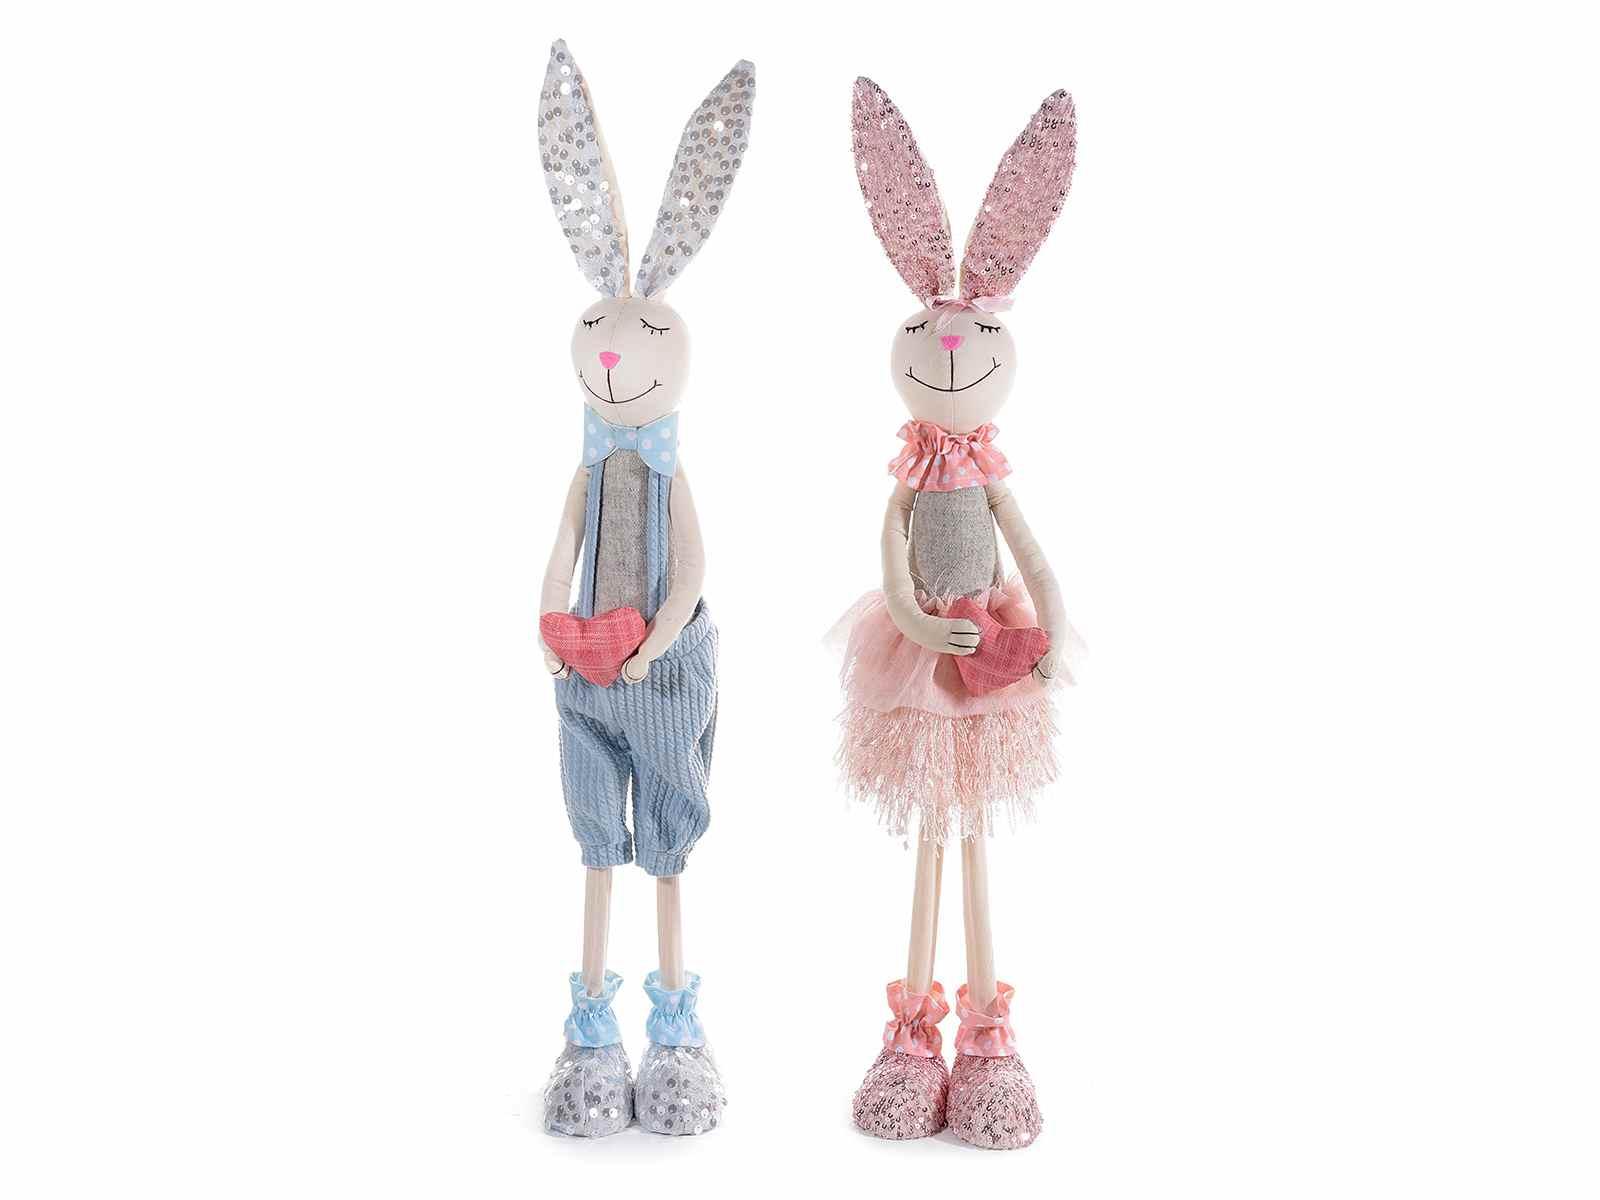 Coppia conigli decorativi in stoffa con cuore decorativo